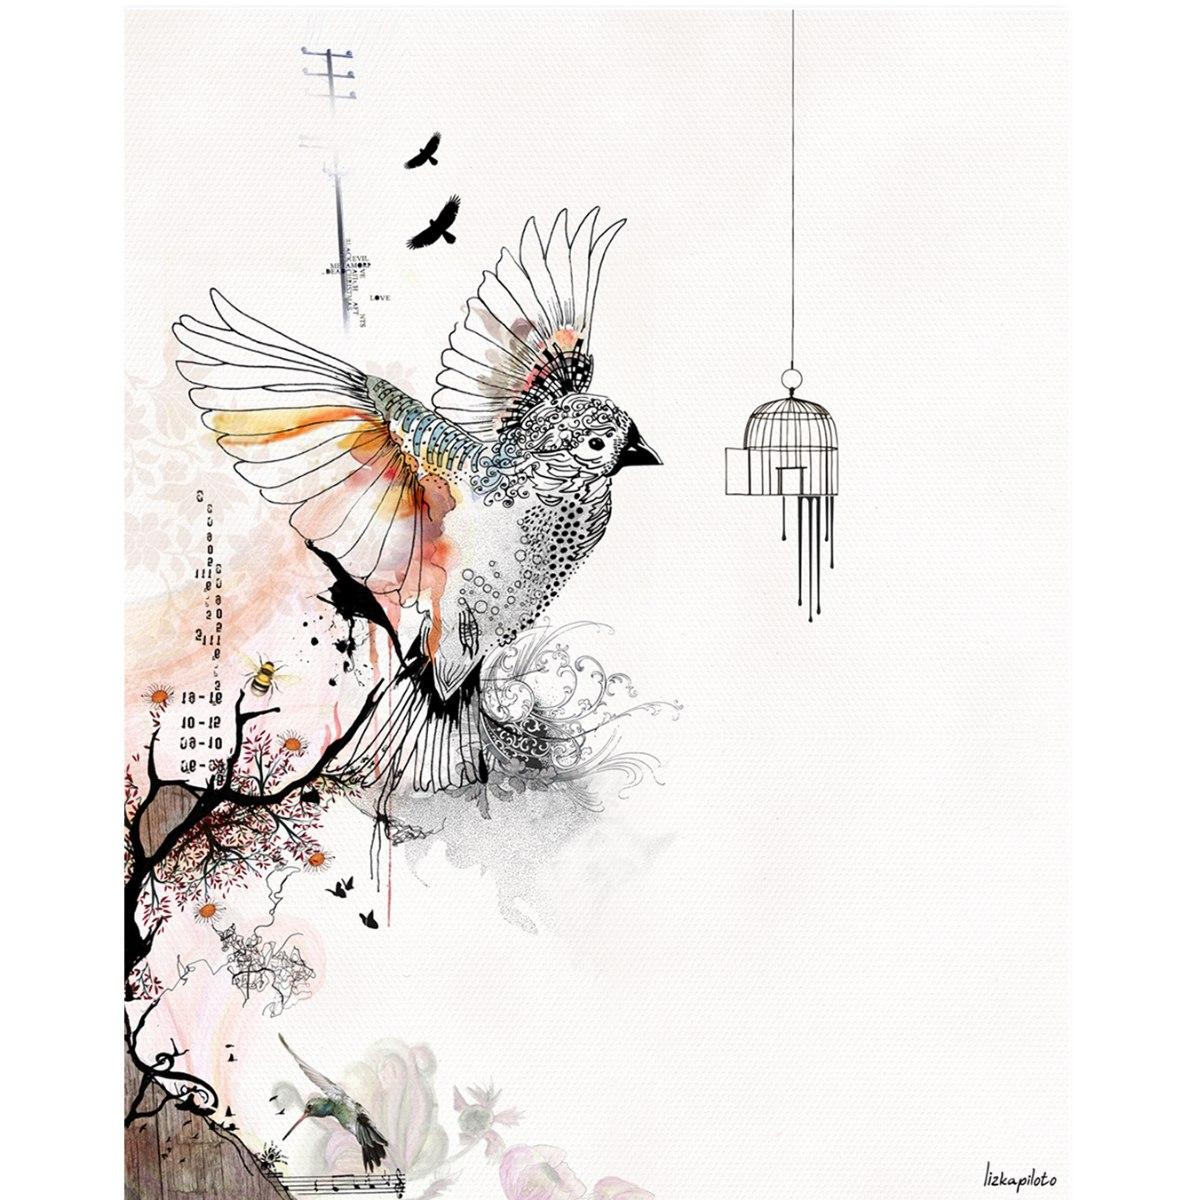 ציור של ציפור עפה